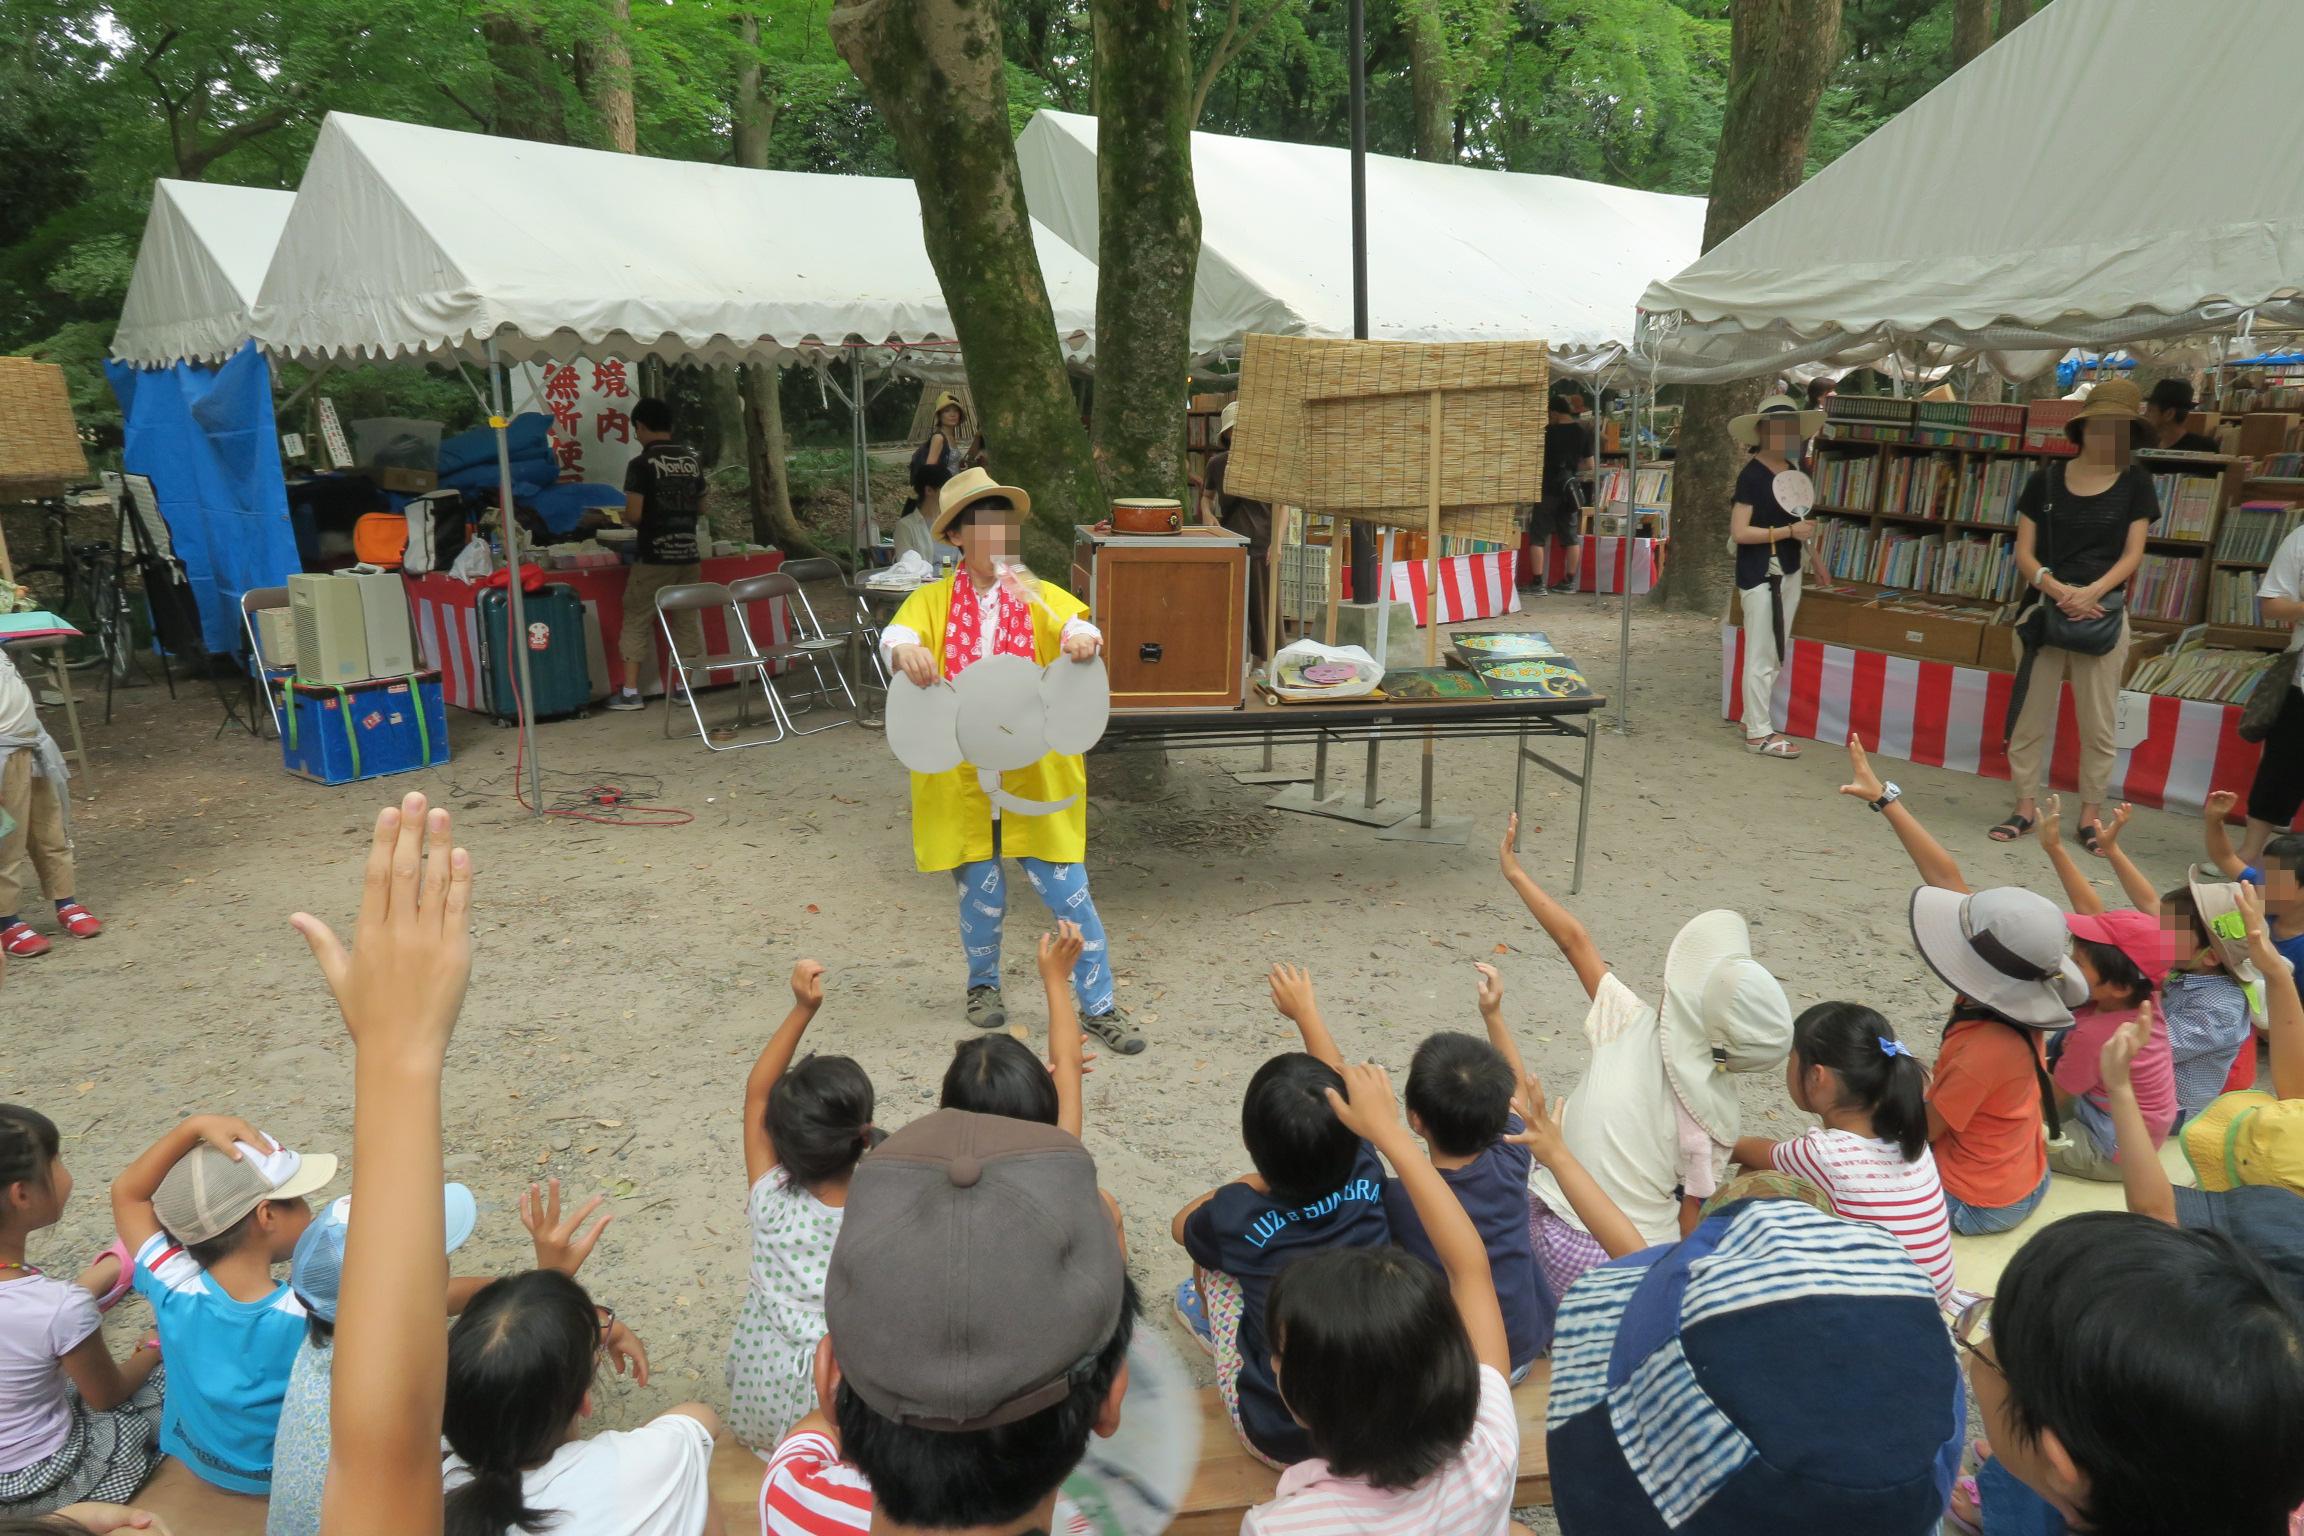 紙芝居。紙芝居を始める前に子供たちにクイズを出して、距離感を縮めていました。さすがっ!